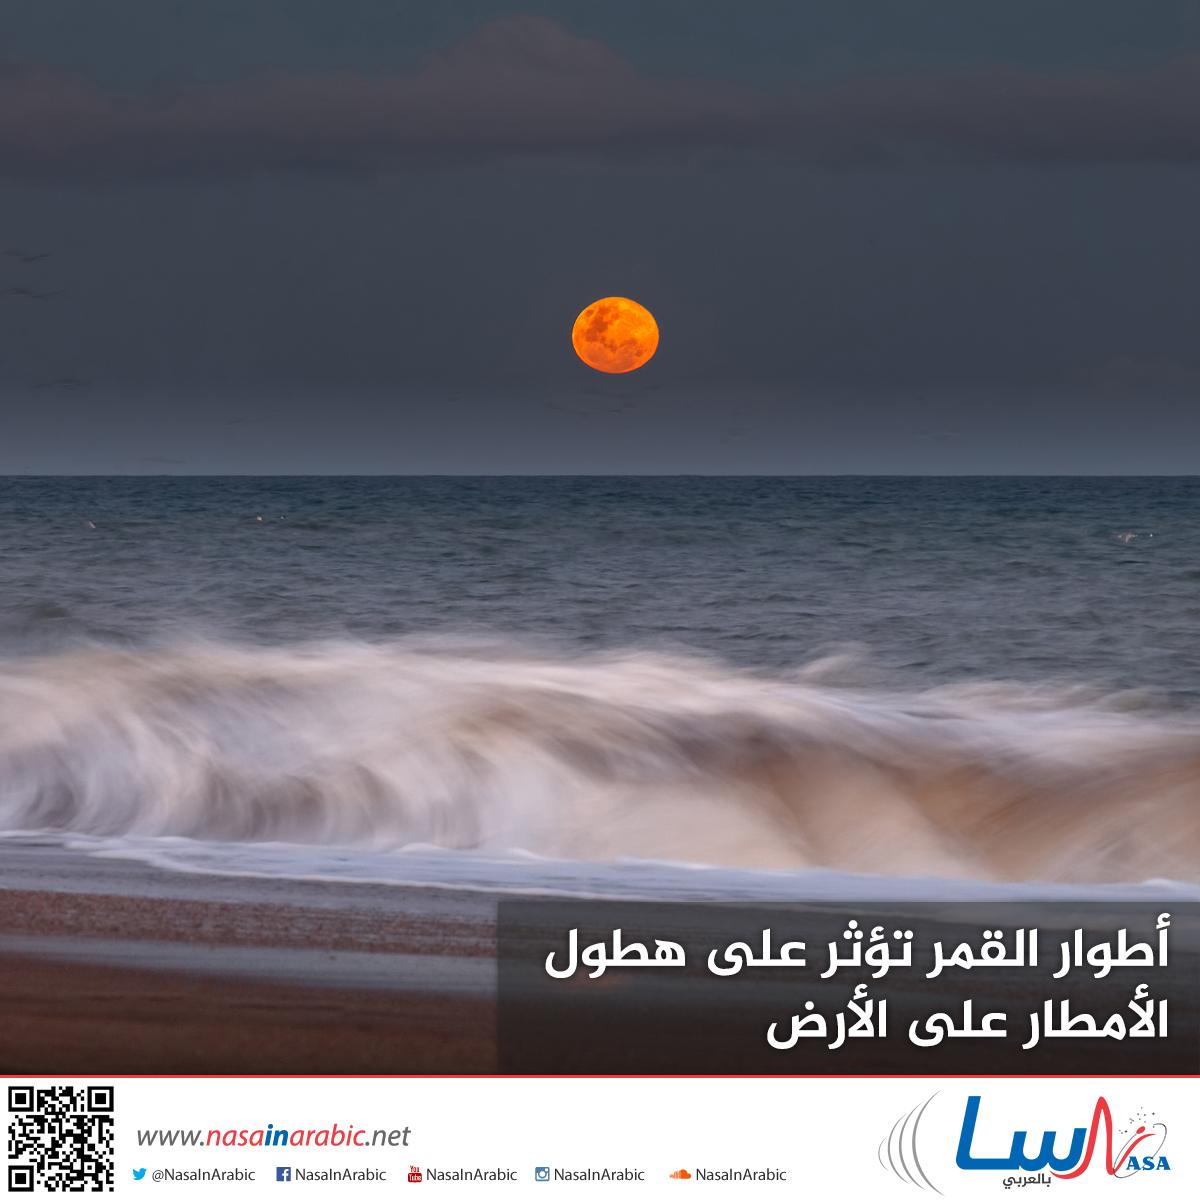 أطوار القمر تؤثر على هطول الأمطار على الأرض